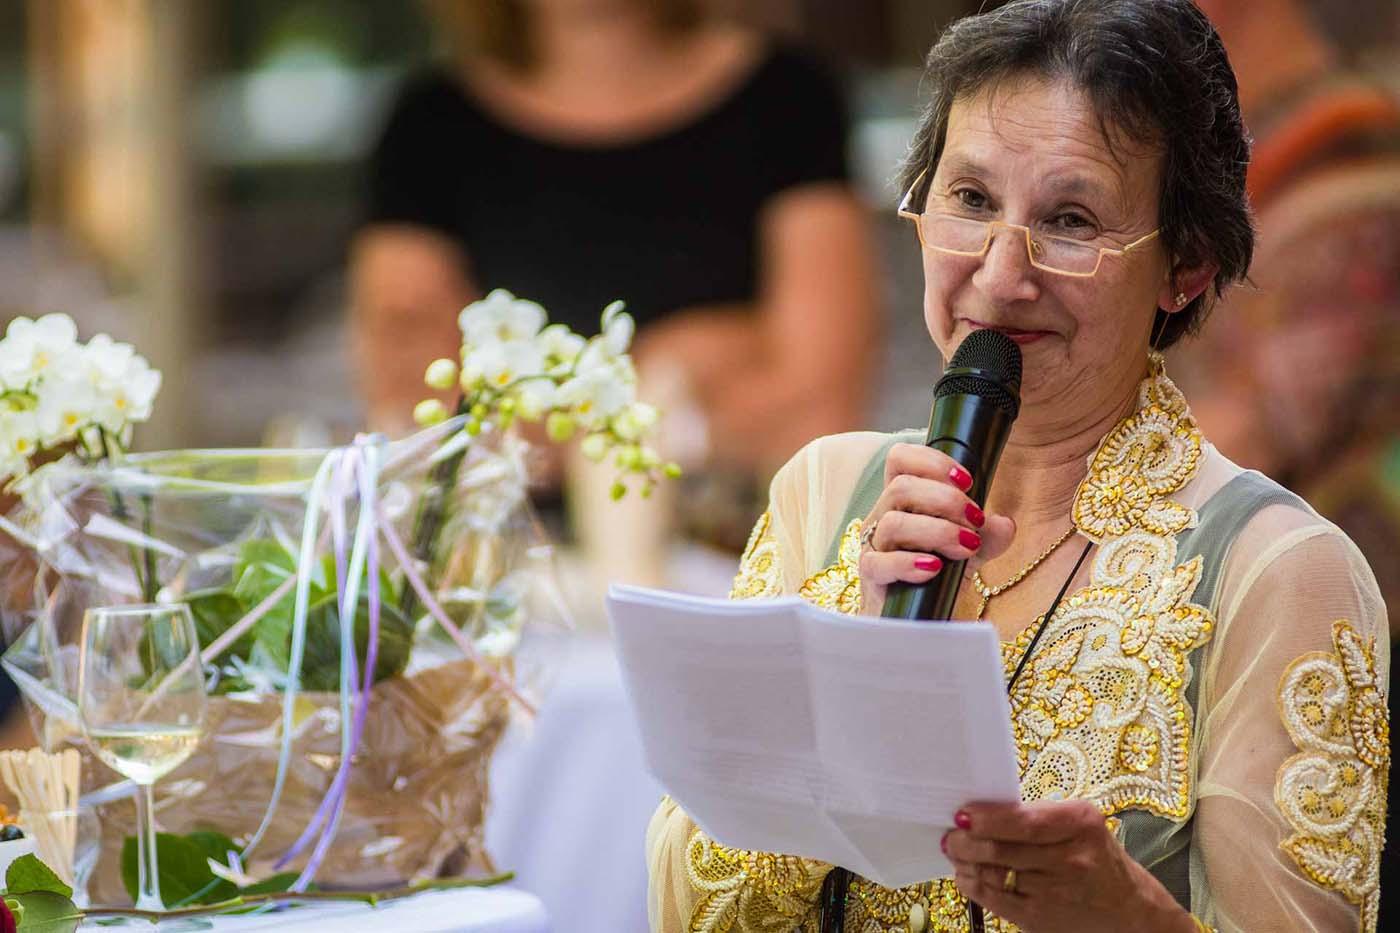 Afscheidsreceptietjes-Ellen-@Kasteel-de-Haar-Utrecht-17-05-17-1